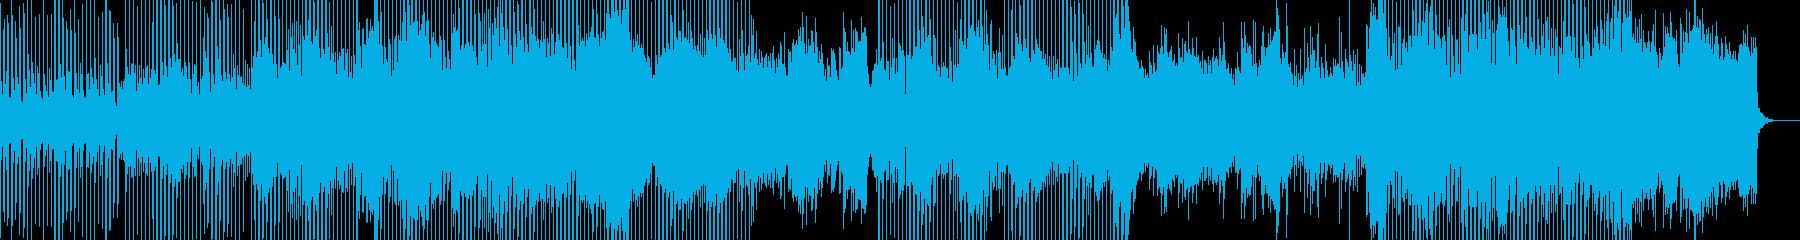 軽快なピアノハウスサウンドの再生済みの波形